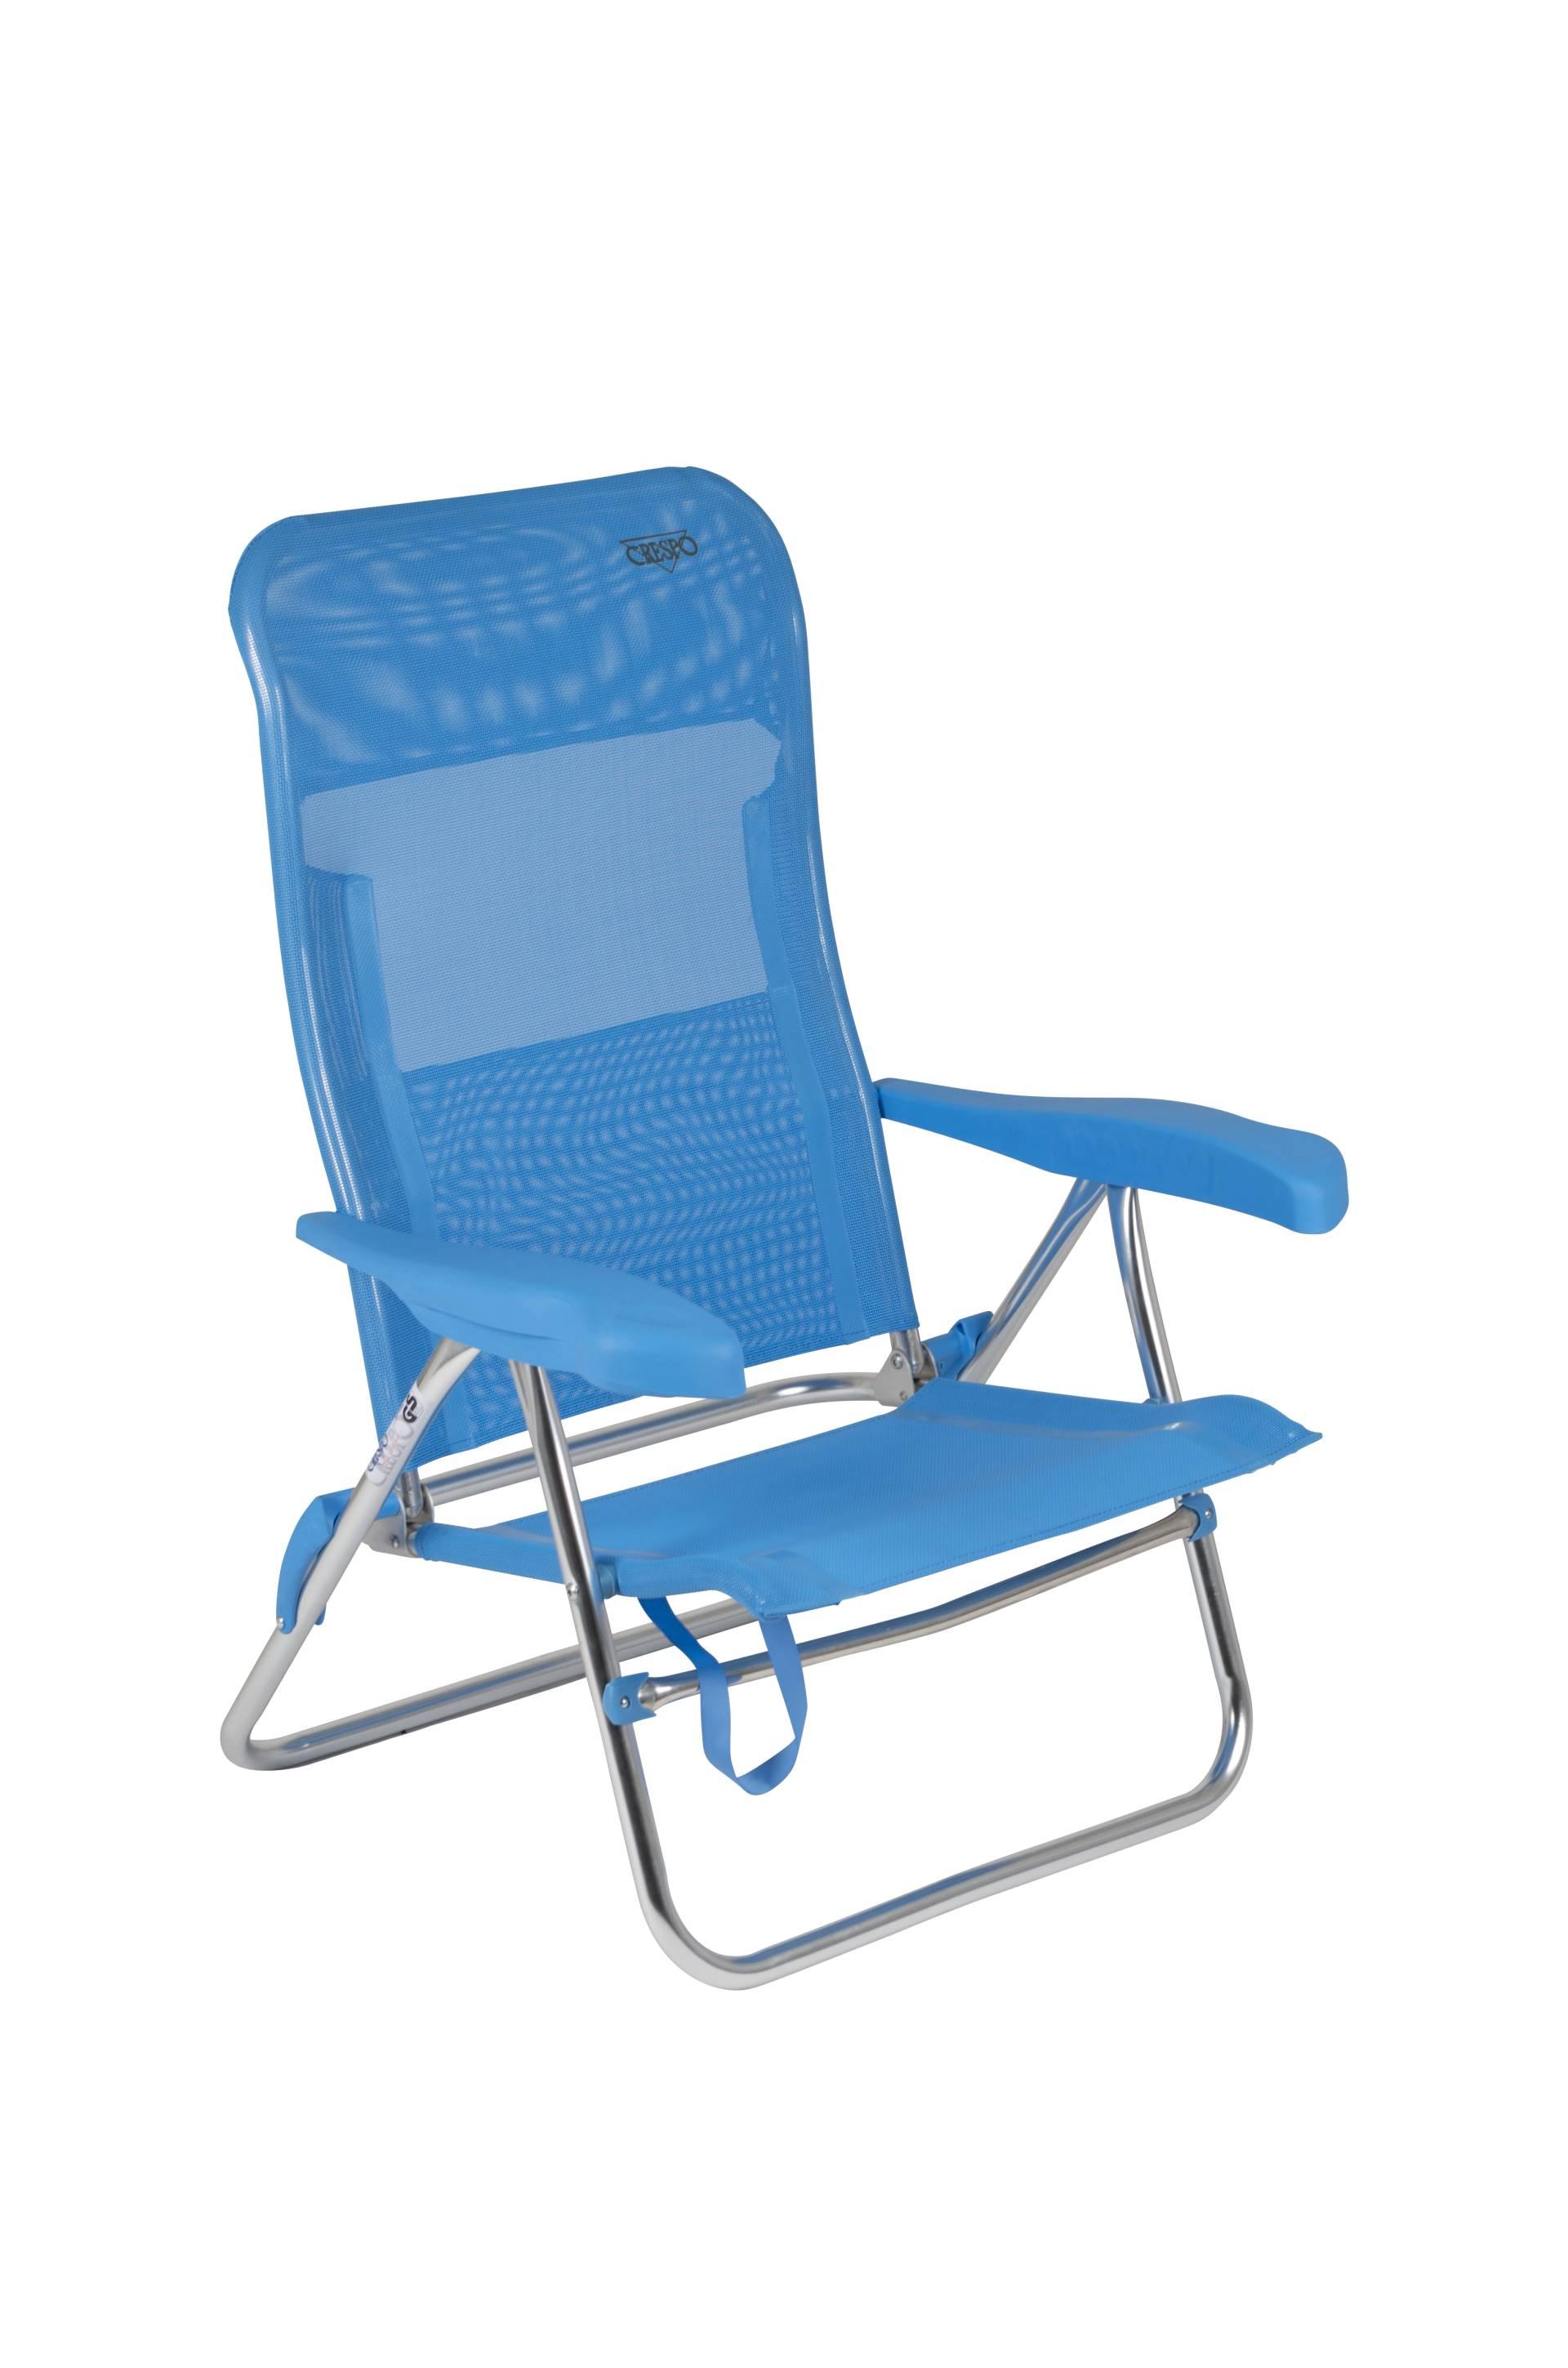 Verstelbare Lage Strandstoel.Crespo Strandstoel Al 205 Blauw 05